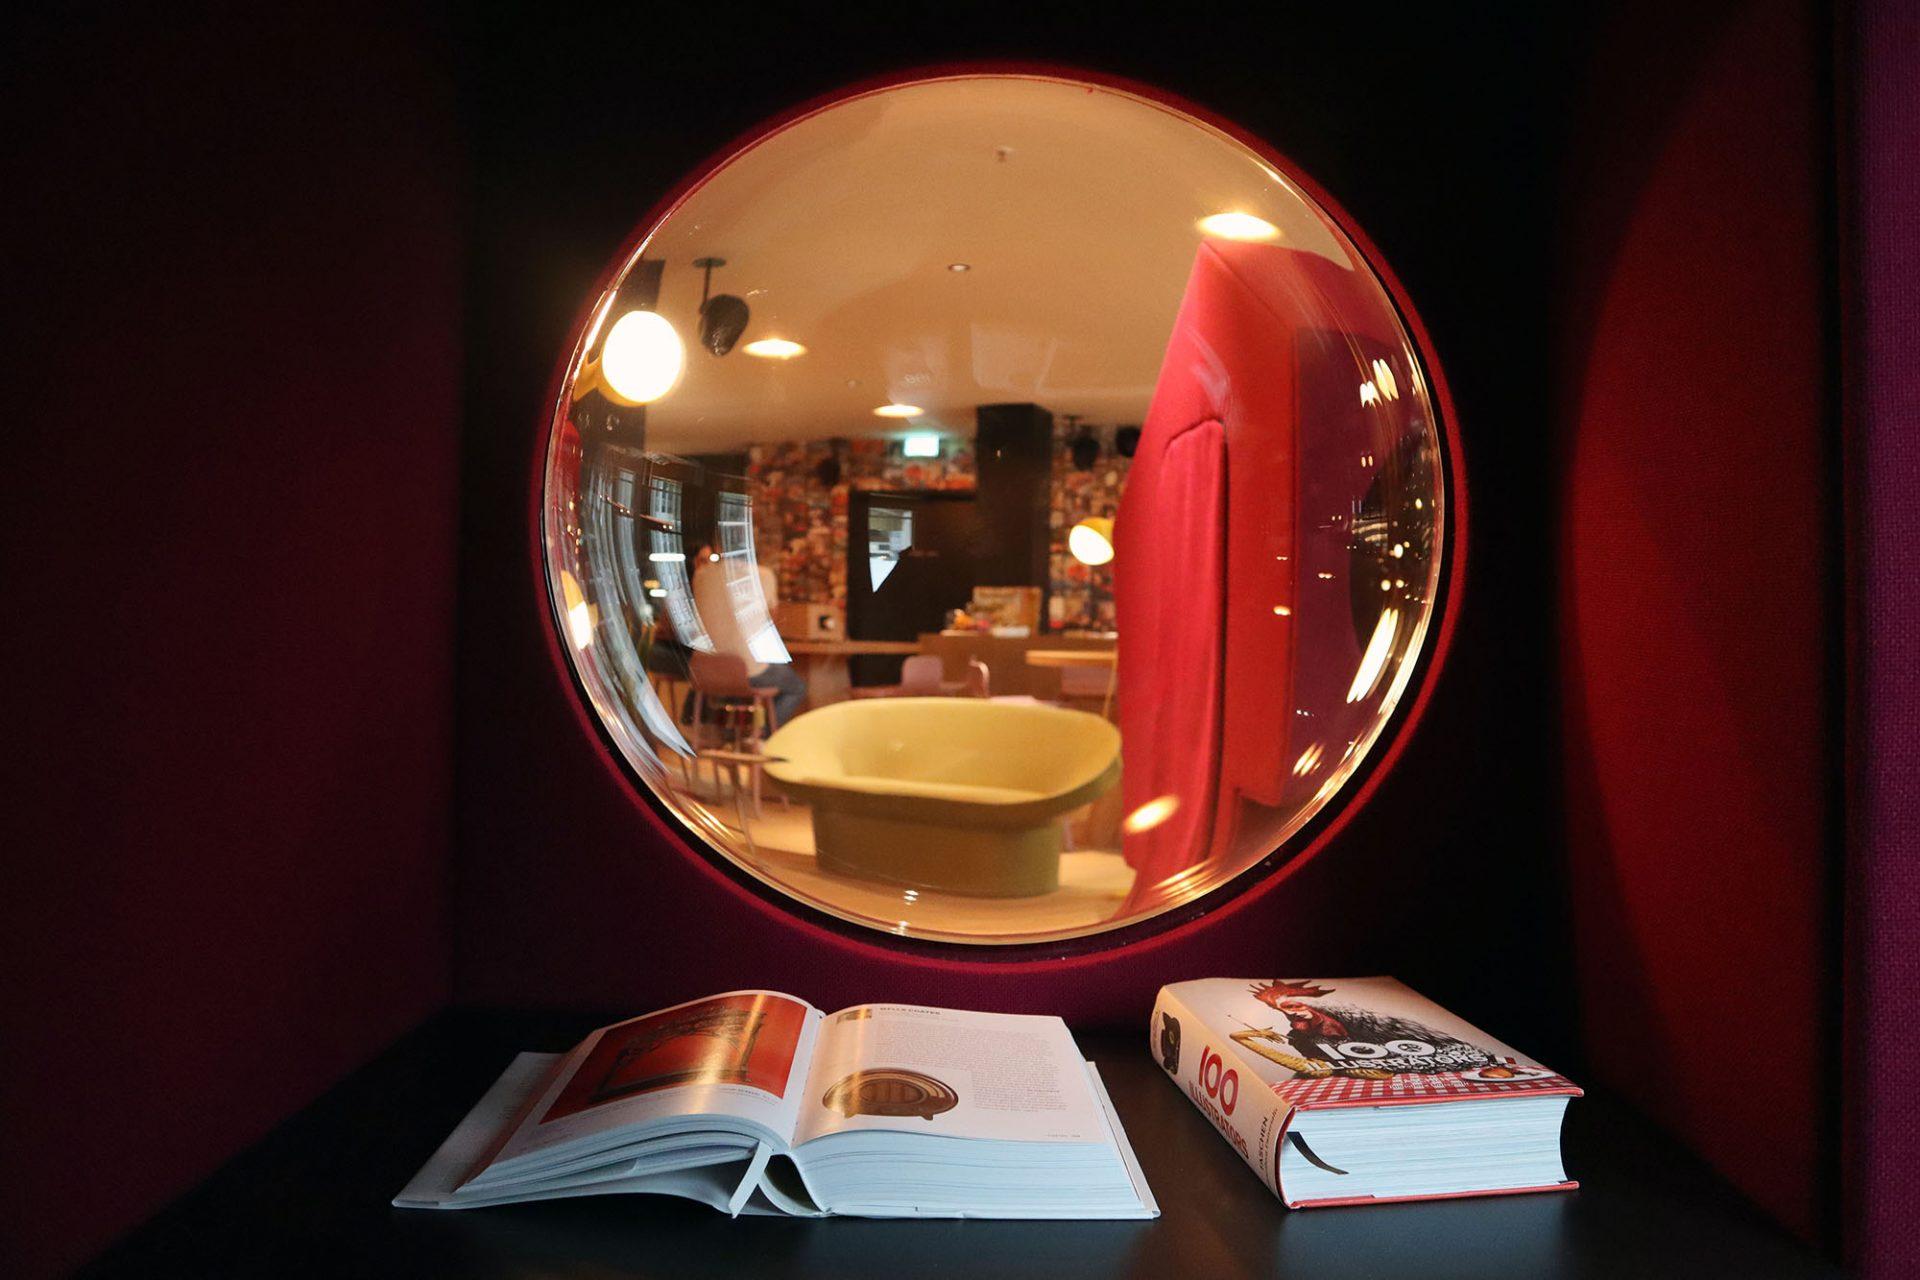 25hours Hotel The Circle. Das Neni Deli ist auch ein offener Coworking Space, in dem man sich in ulkige Stoffkapseln zurückziehen kann.